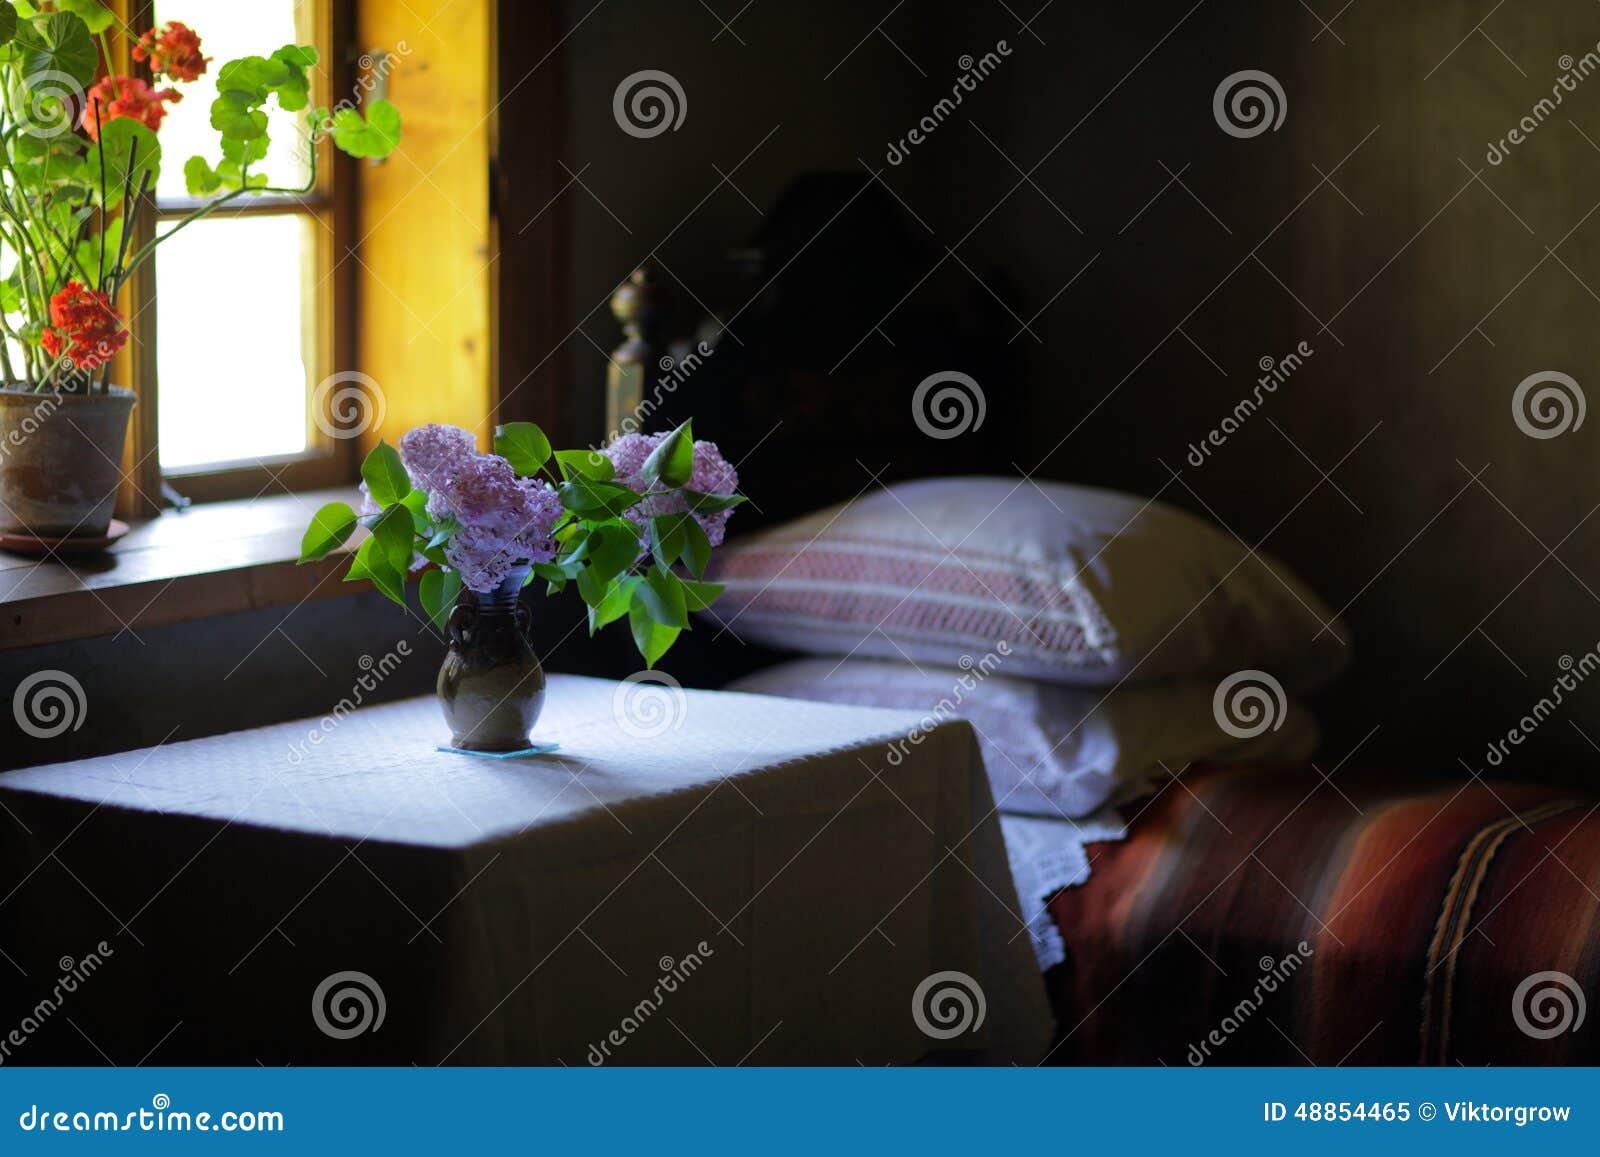 Vase Blumen Im Schlafzimmer Eines Alten Hauses Stockbild Bild Von